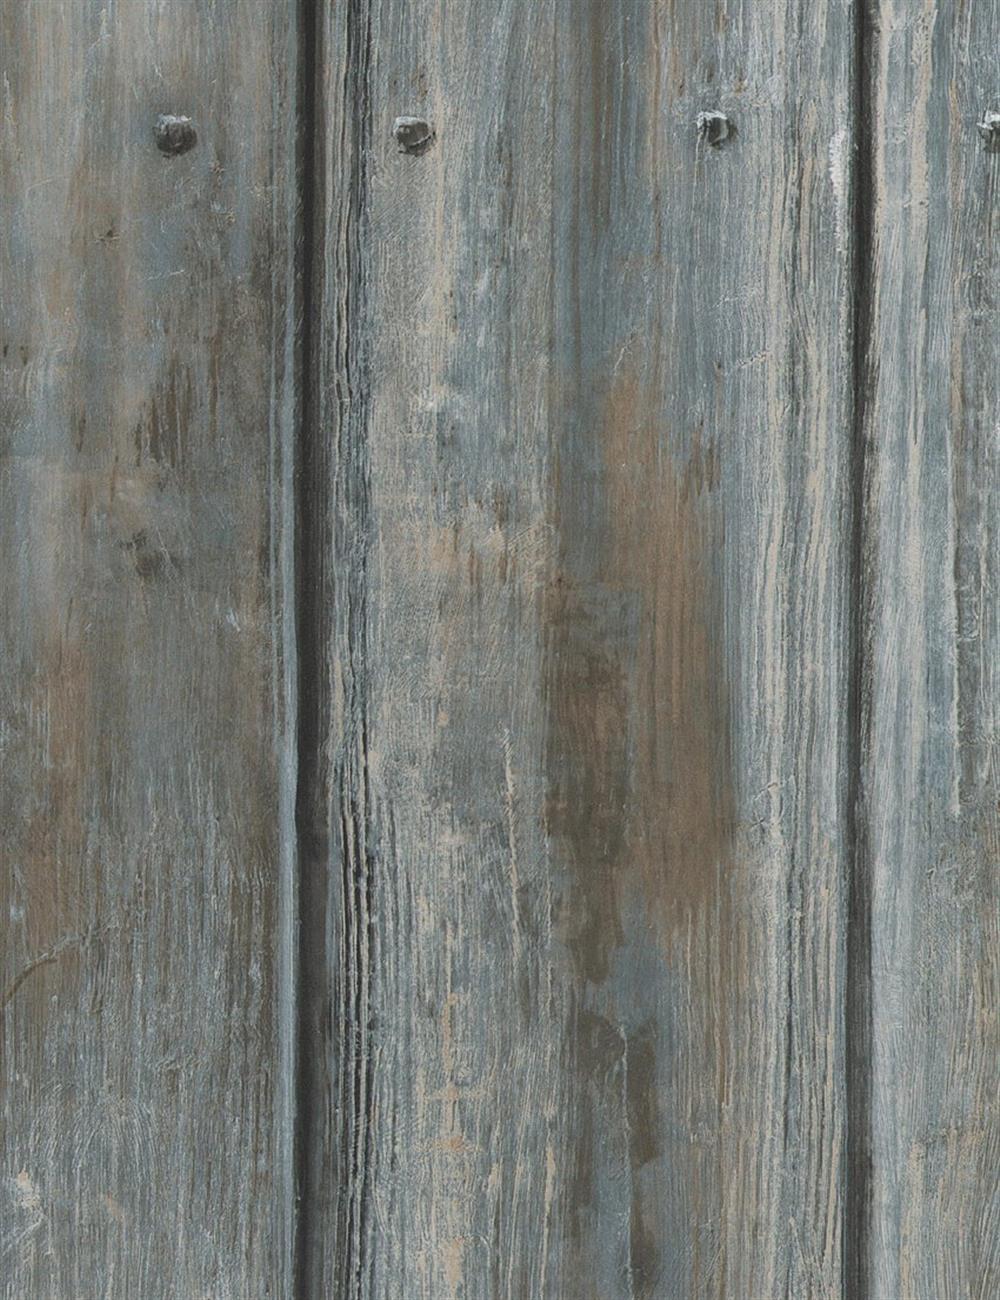 wallpaper industrial wallpaper rustic lodge timber panel wallpaper 1000x1300